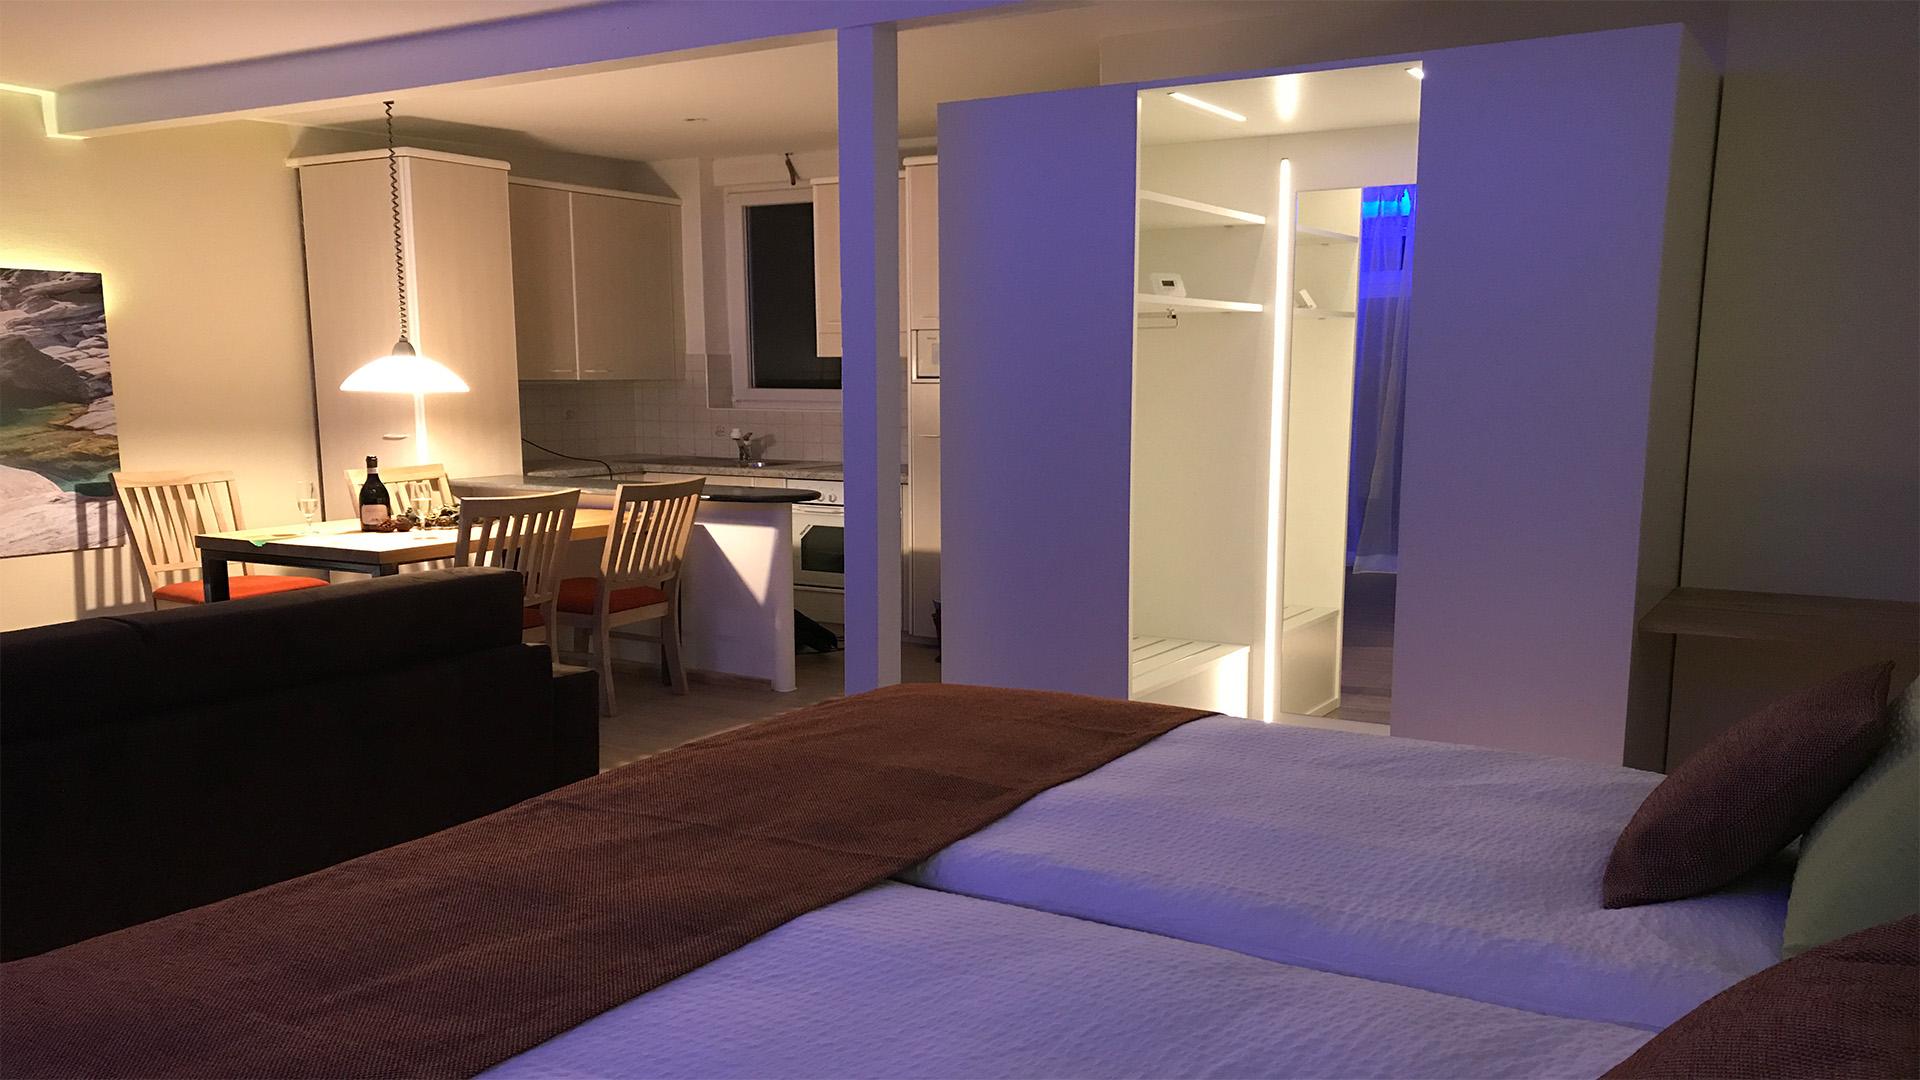 Studio mit 2 Box Spring Betten, Beleuchtetem und begehbarer  Kleider-Kabine, sehr bequeme Ausziehe-Sofa-betten